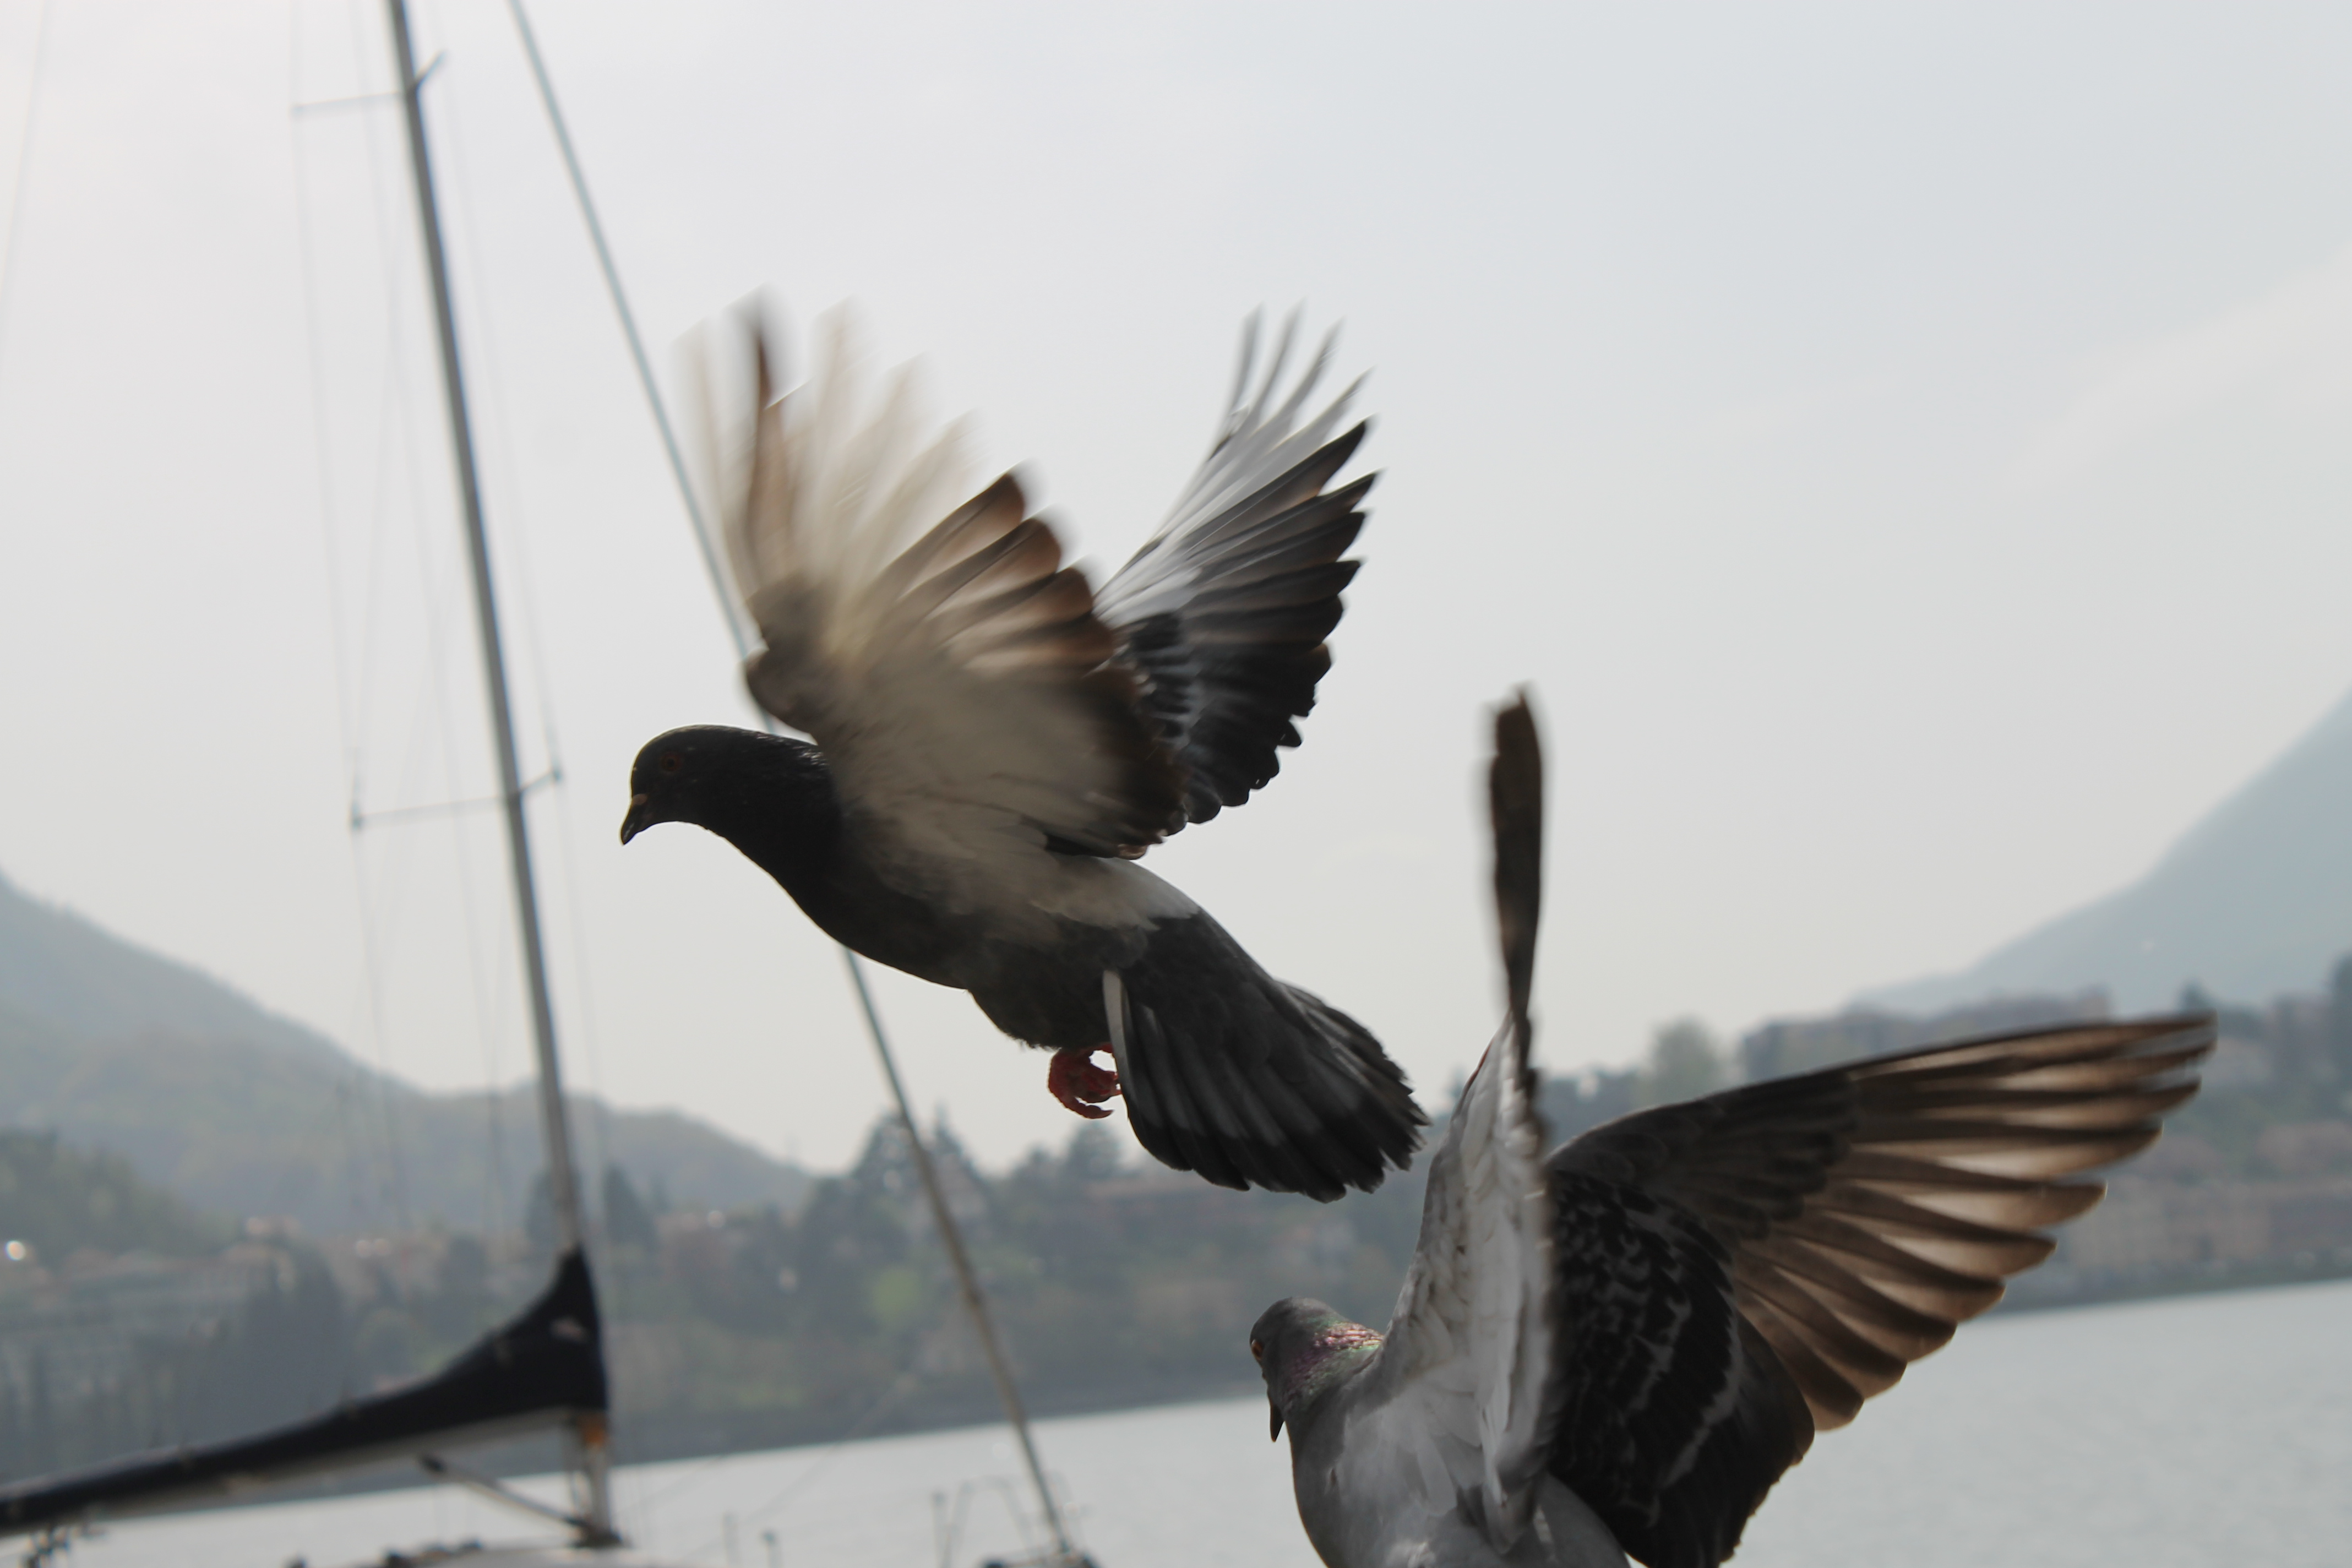 Tauben an der Möhne - Bootsfahrt - Ausflugstipp für Hotelgäste Lippstadt